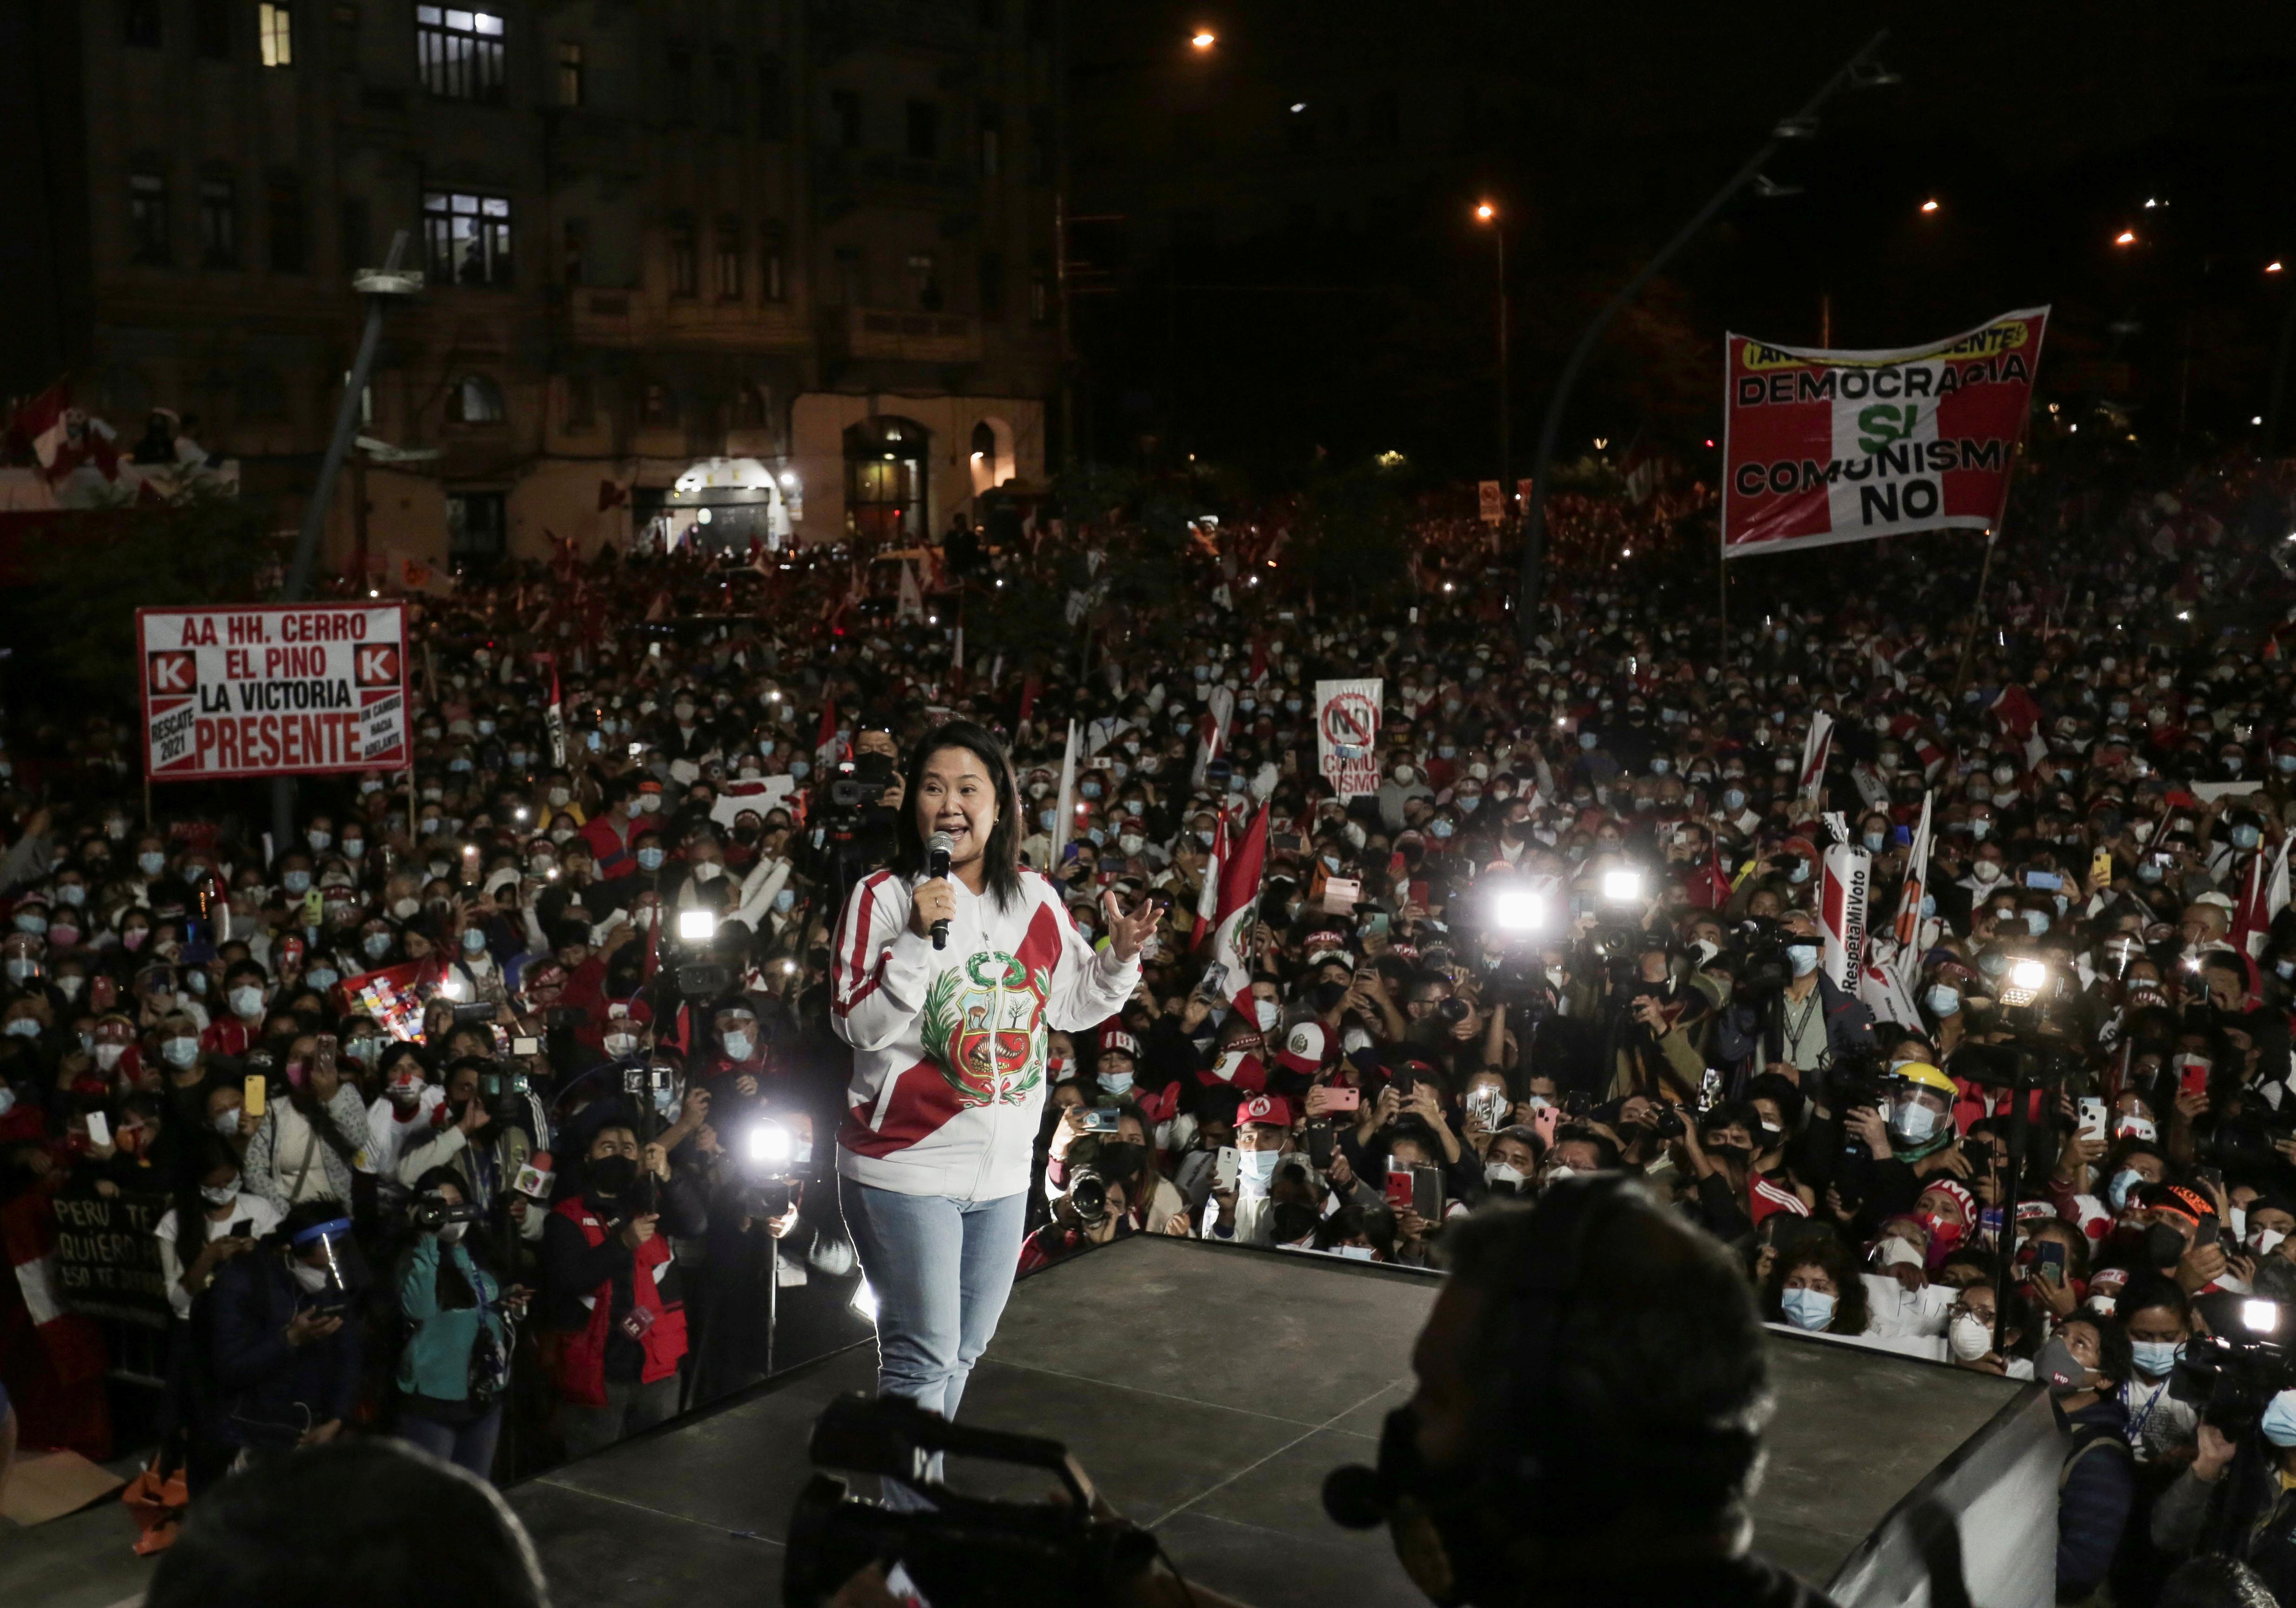 Peru's presidential candidate Keiko Fujimori addresses supporters in Lima, Peru June 19, 2021. REUTERS/Gerardo Marin